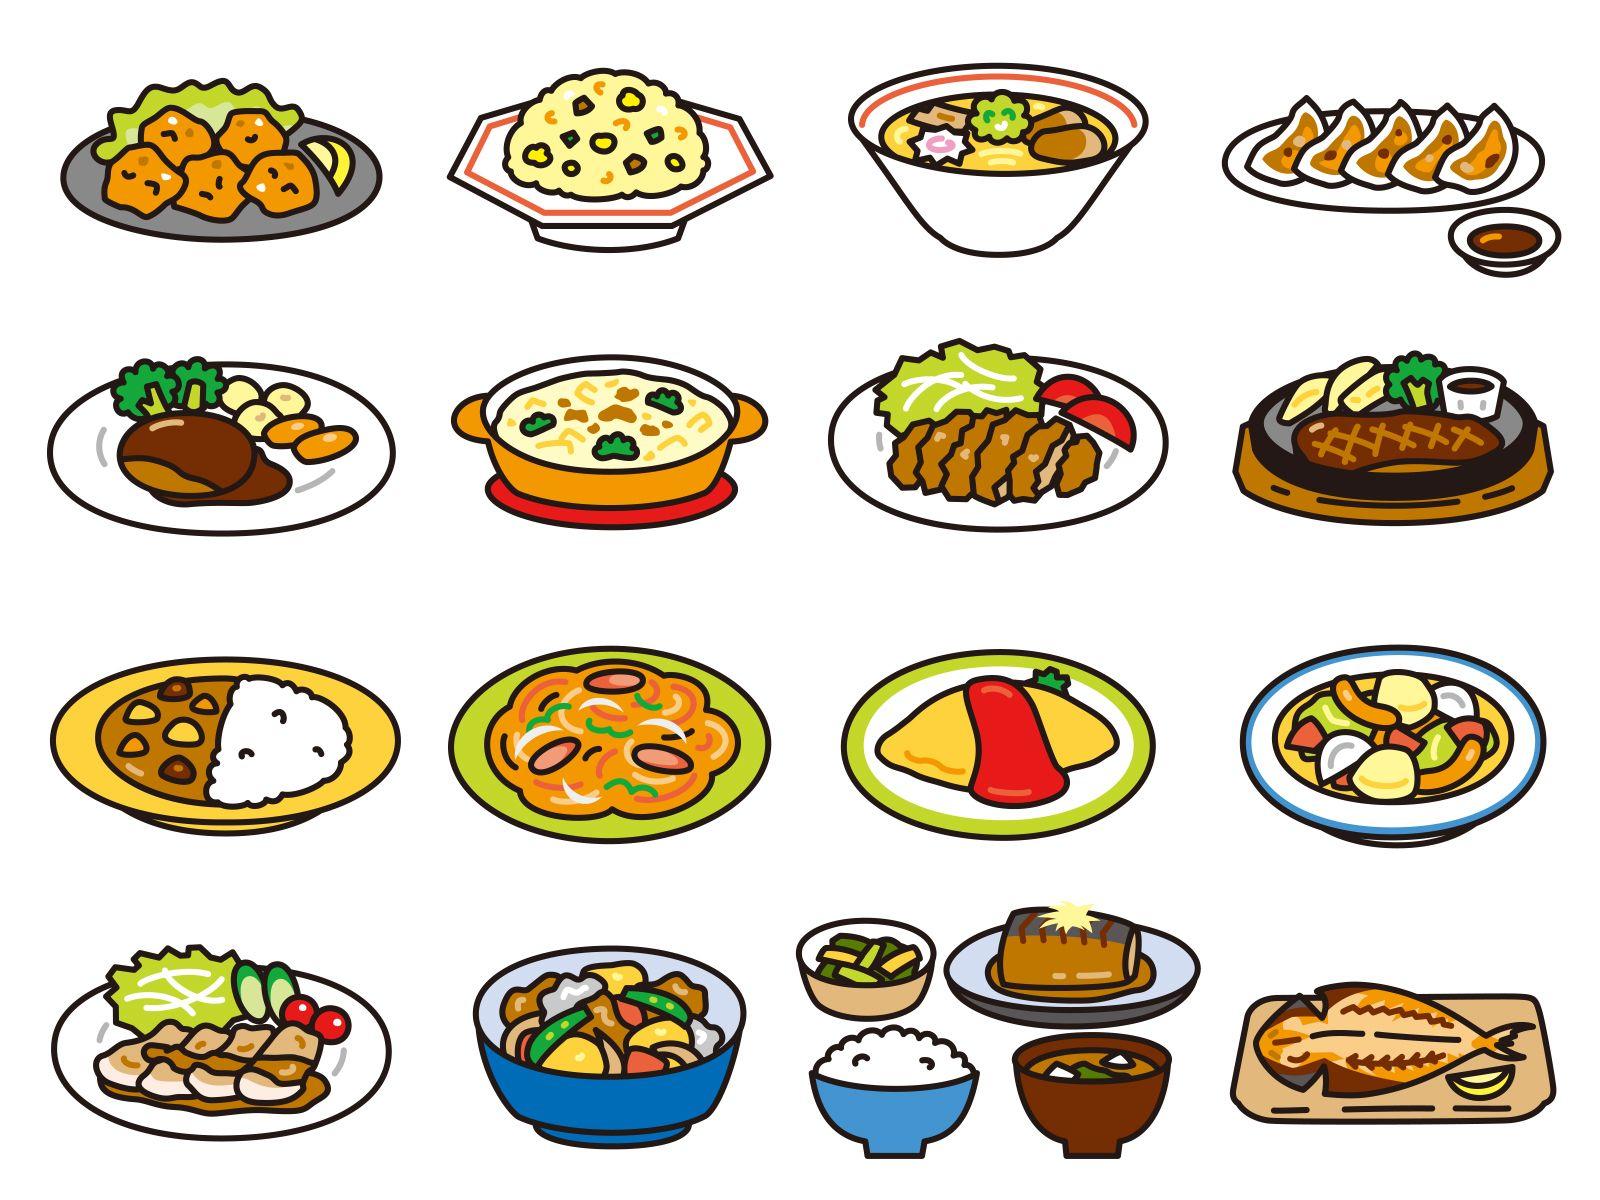 今回は、食べ物並び替えクイズ全30問ご用意致しました。 ヒントを元に ...